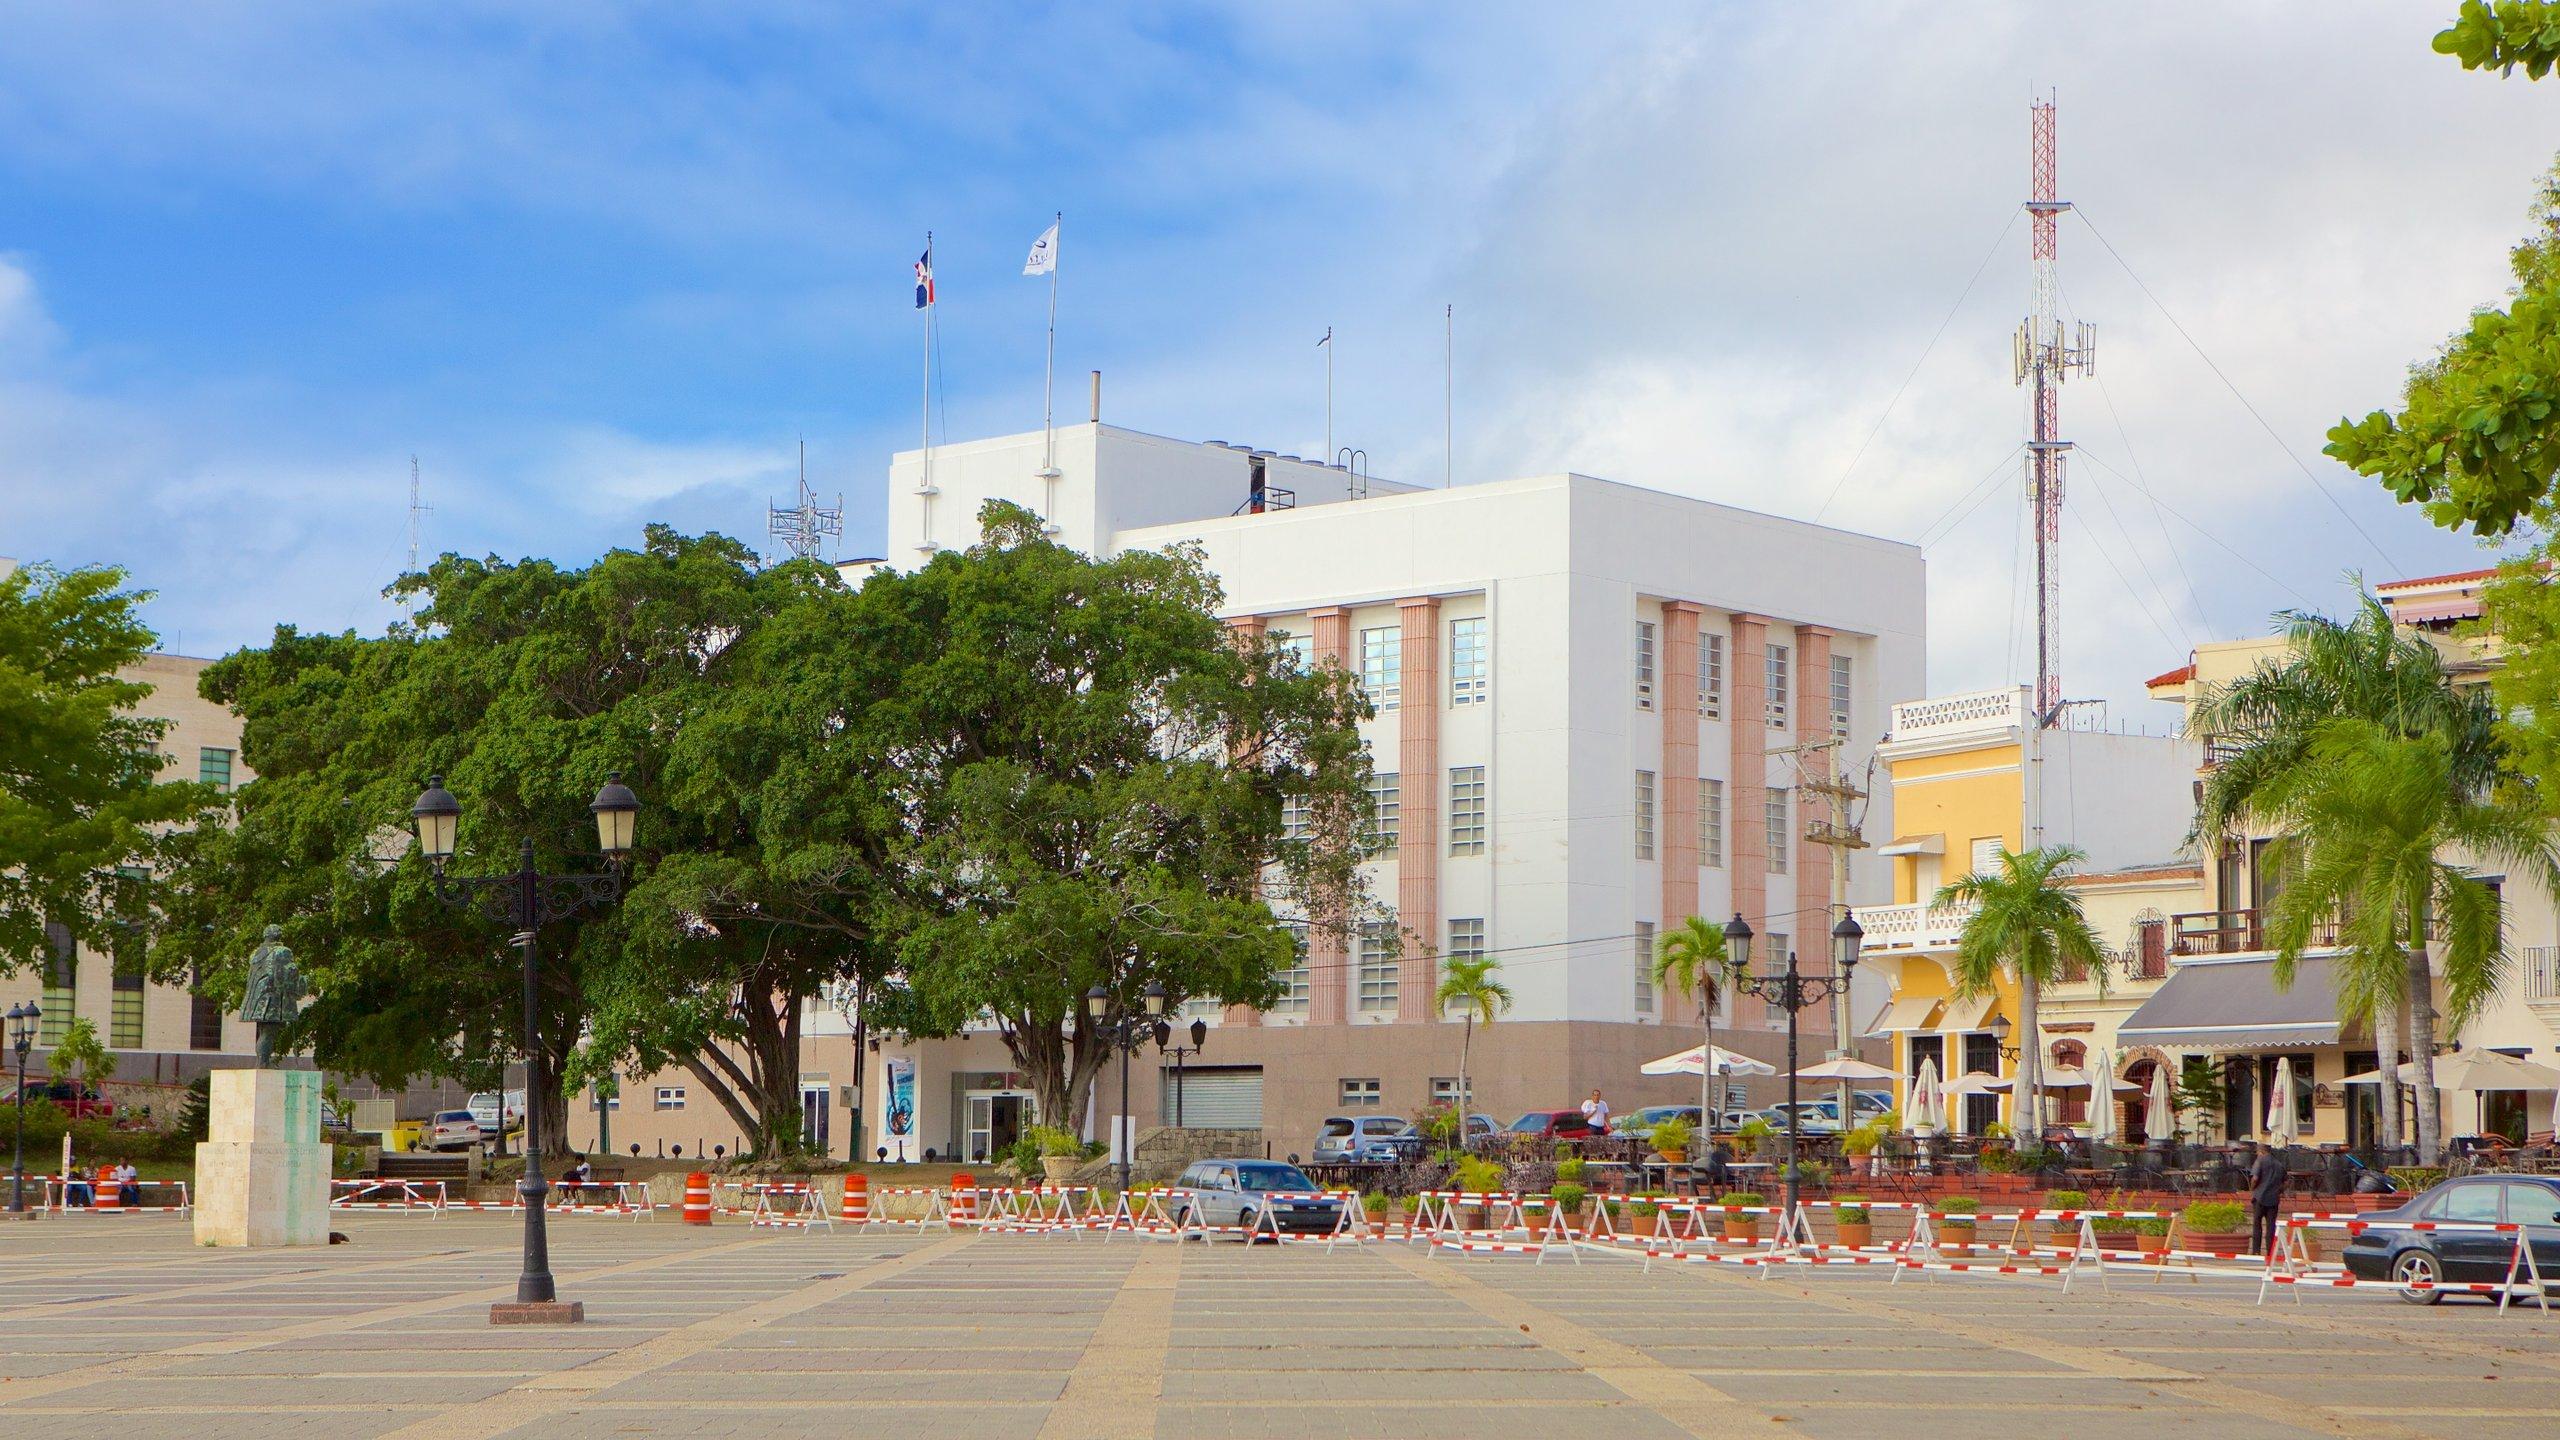 Ciudad Colonial, Santo Domingo, Distrito Nacional, Dominican Republic